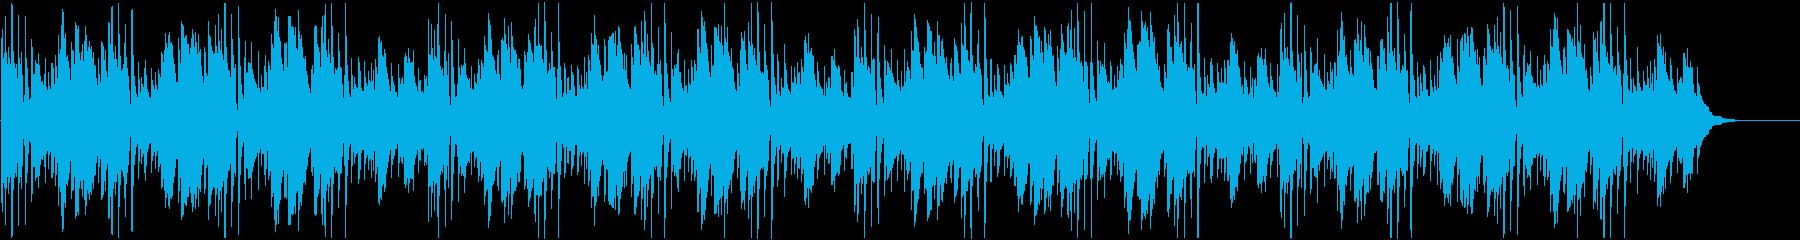 日常系 優しい雰囲気のアコギ曲の再生済みの波形